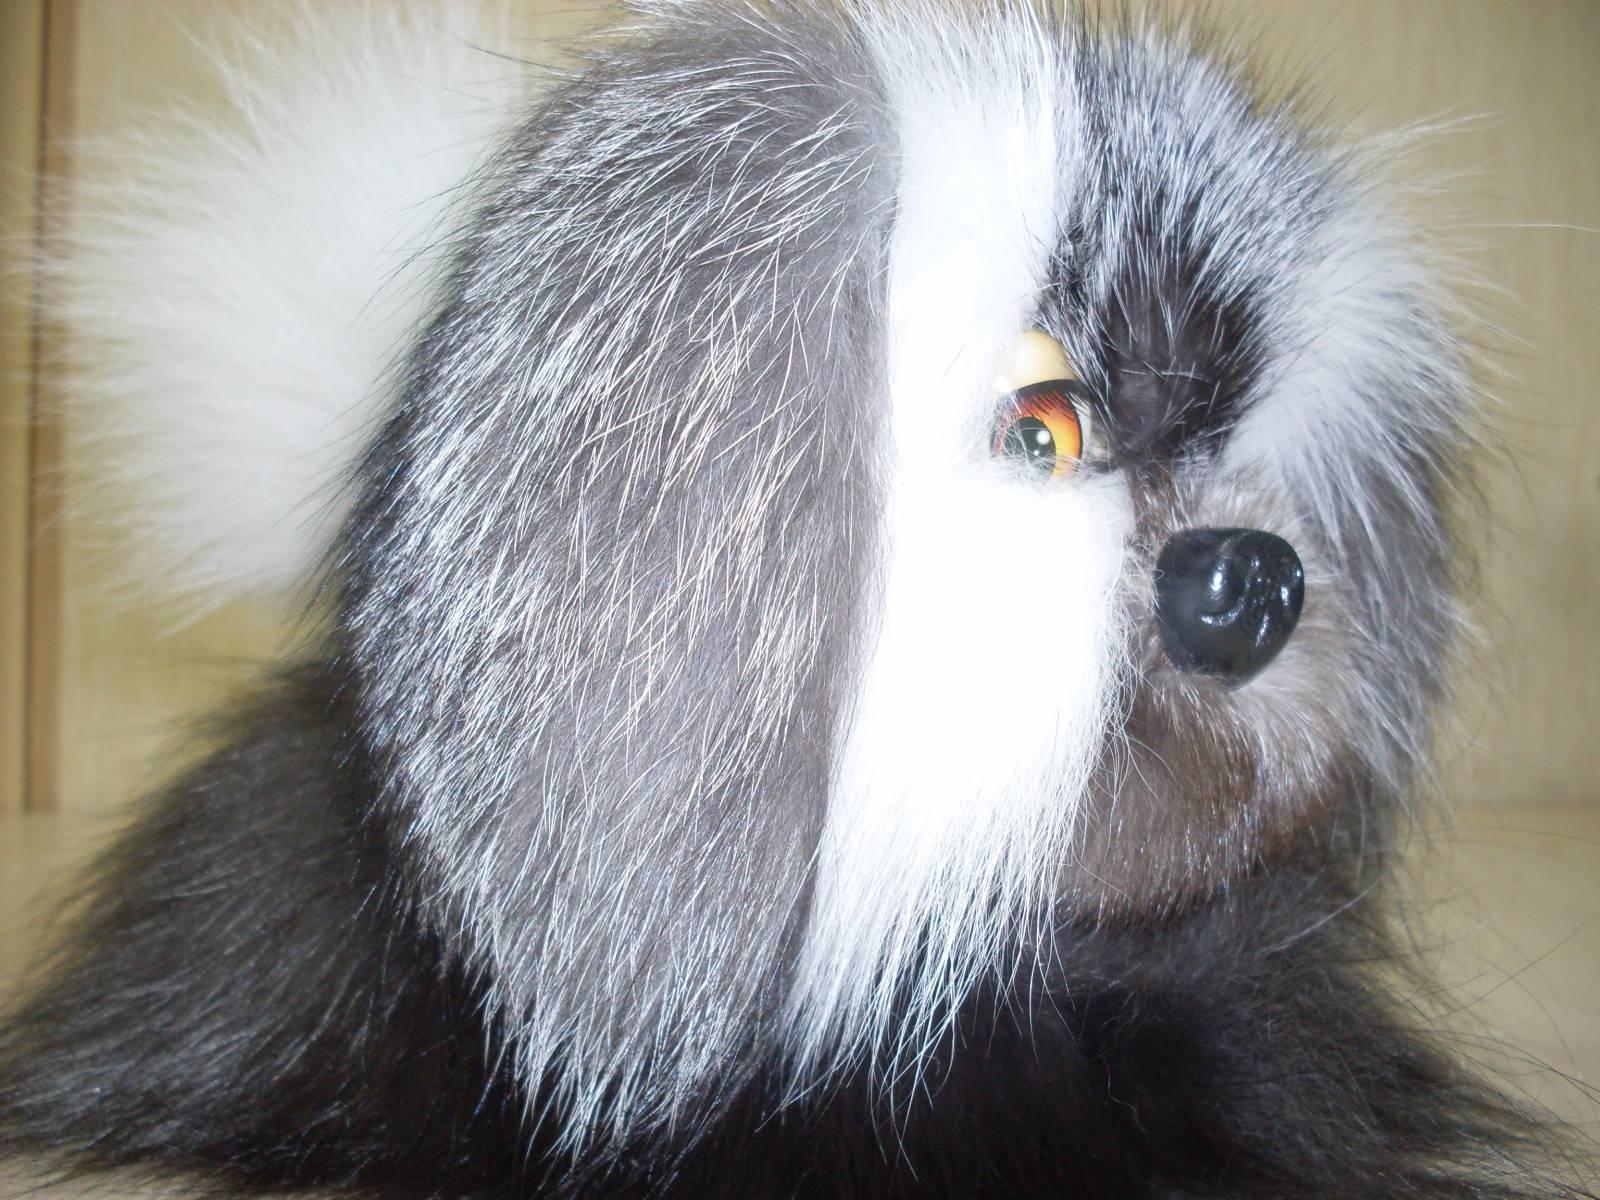 Адрес: Куйбышева 81. мягкая игрушка из натурального меха норки,лисы рыже,чернобурки,крашенной лисы,стрижки,кролика.